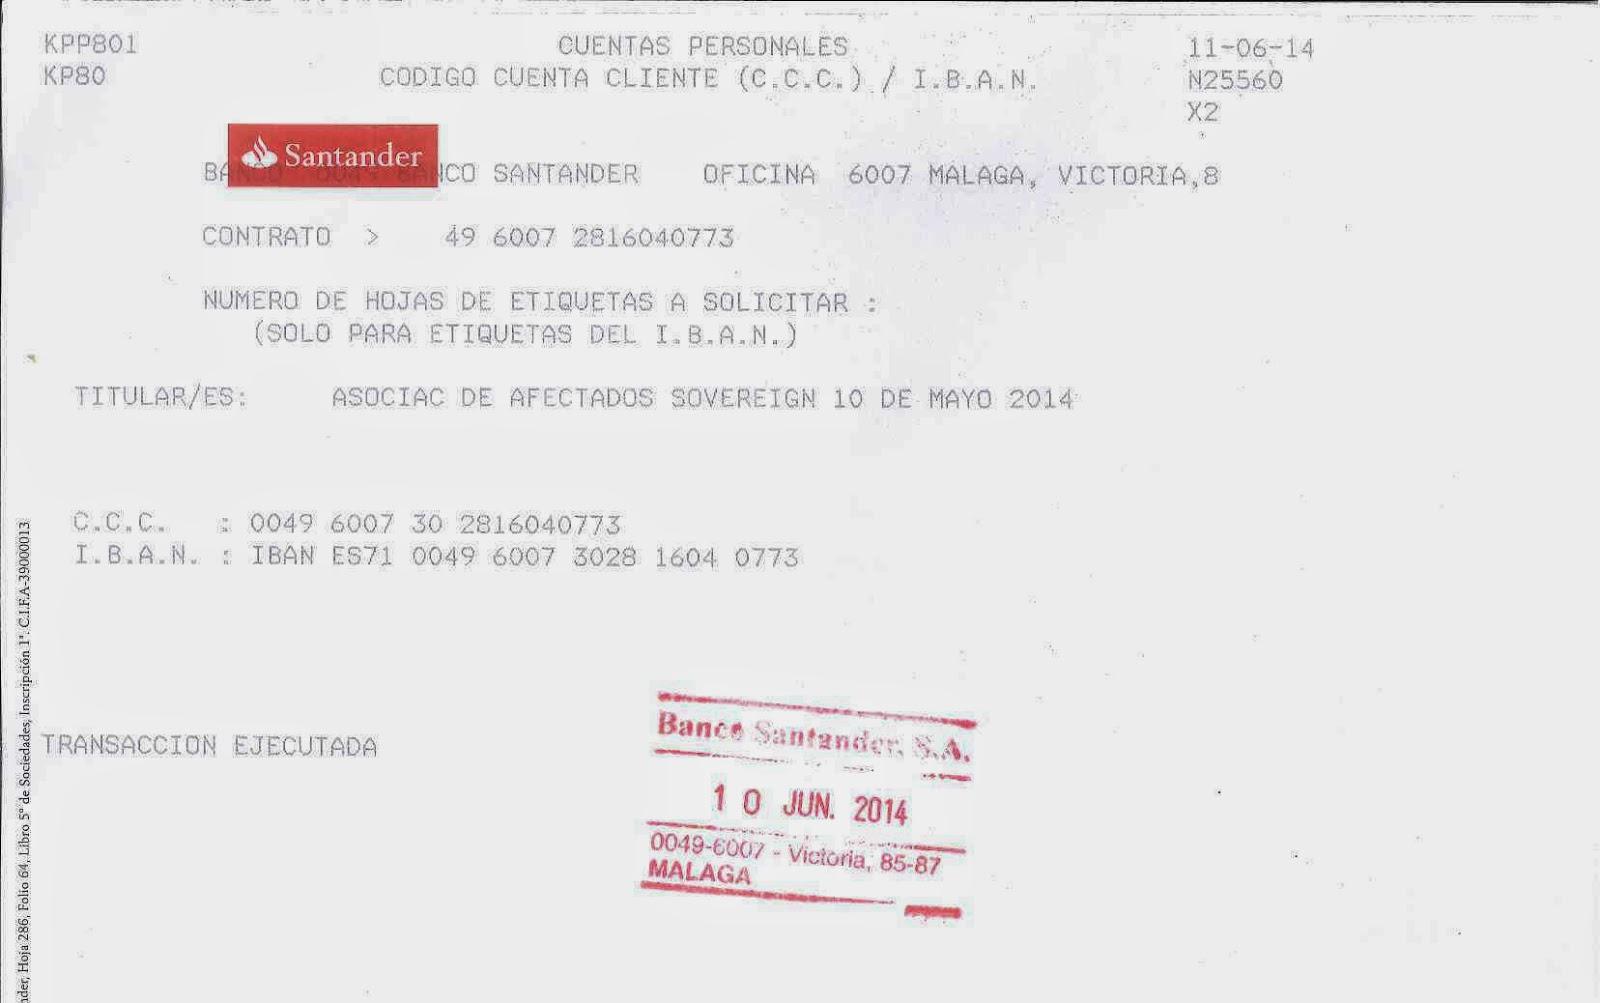 Afectados sovereign 10 de mayo de 2014 for Oficina 0049 banco santander